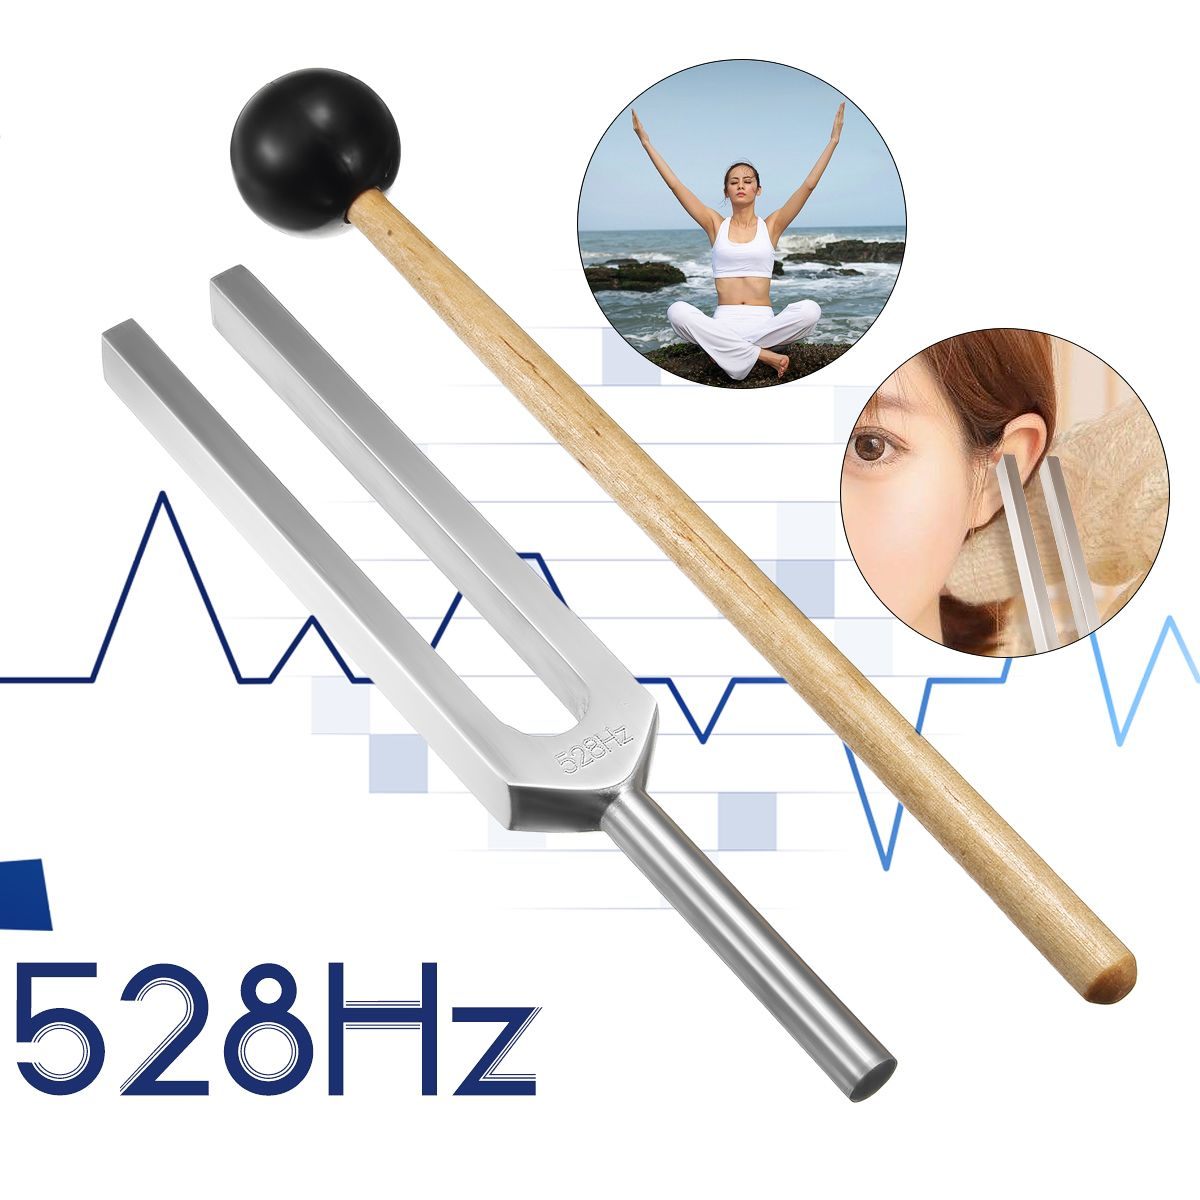 Diagnostic médical en aluminium 528HZ de boule de marteau de Chakra de diapason avec le système nerveux réglé de maillet